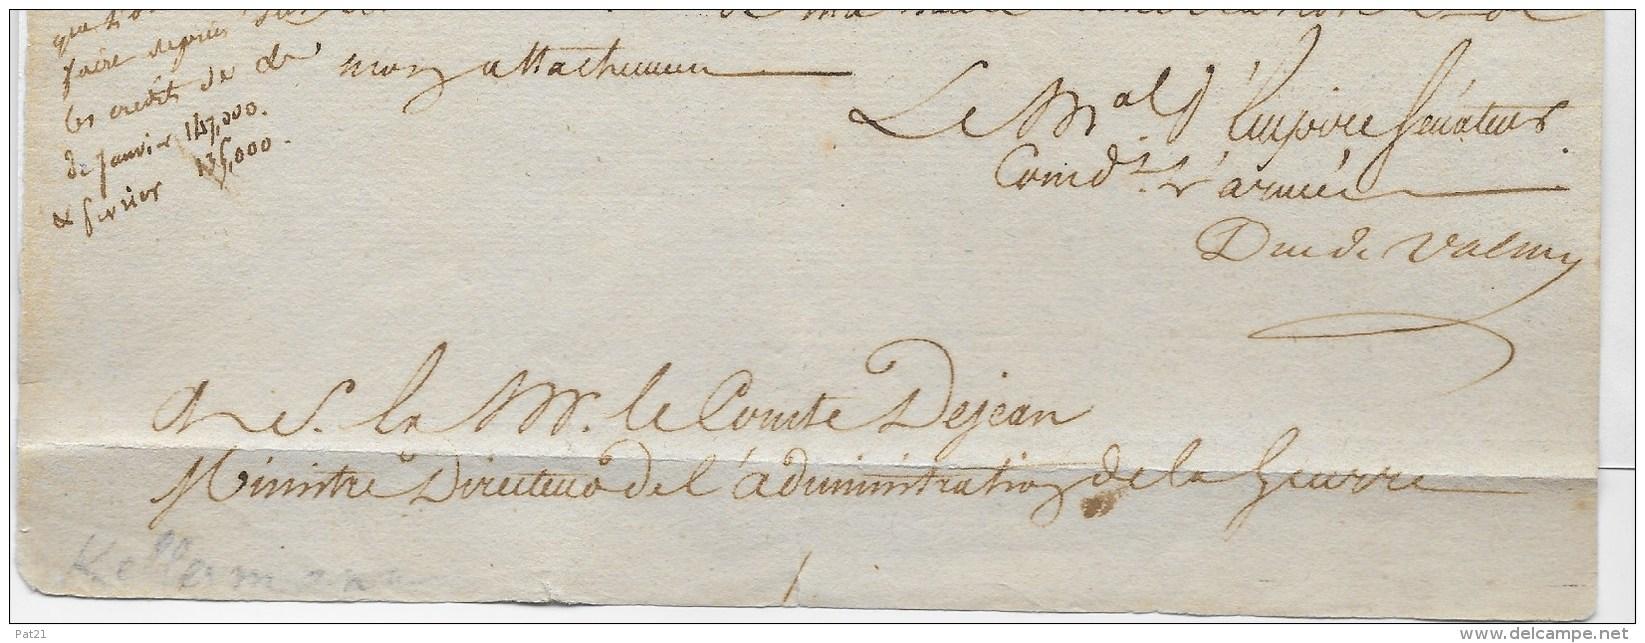 Gers: Maréchal Kellerman. Lettre (1809) Signé Duc De Valmy, Comme Maréchal D'Empire Sénateur Cdt L'armée De Réserve - Autographes